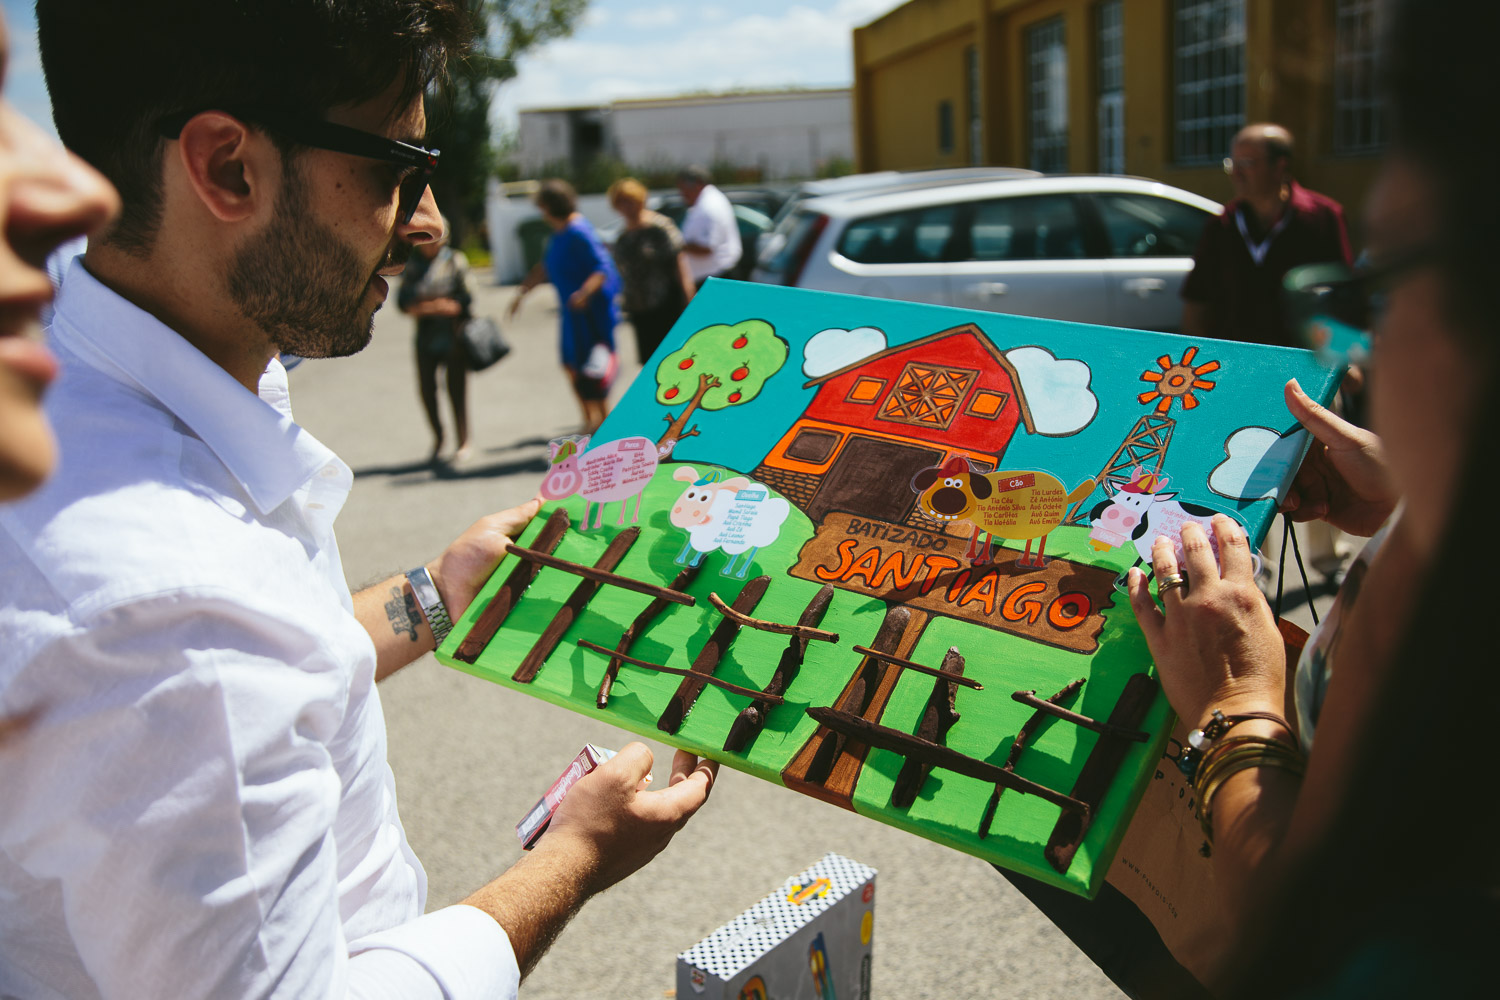 Photos by: Marco Gaspar www.marcogaspar.com